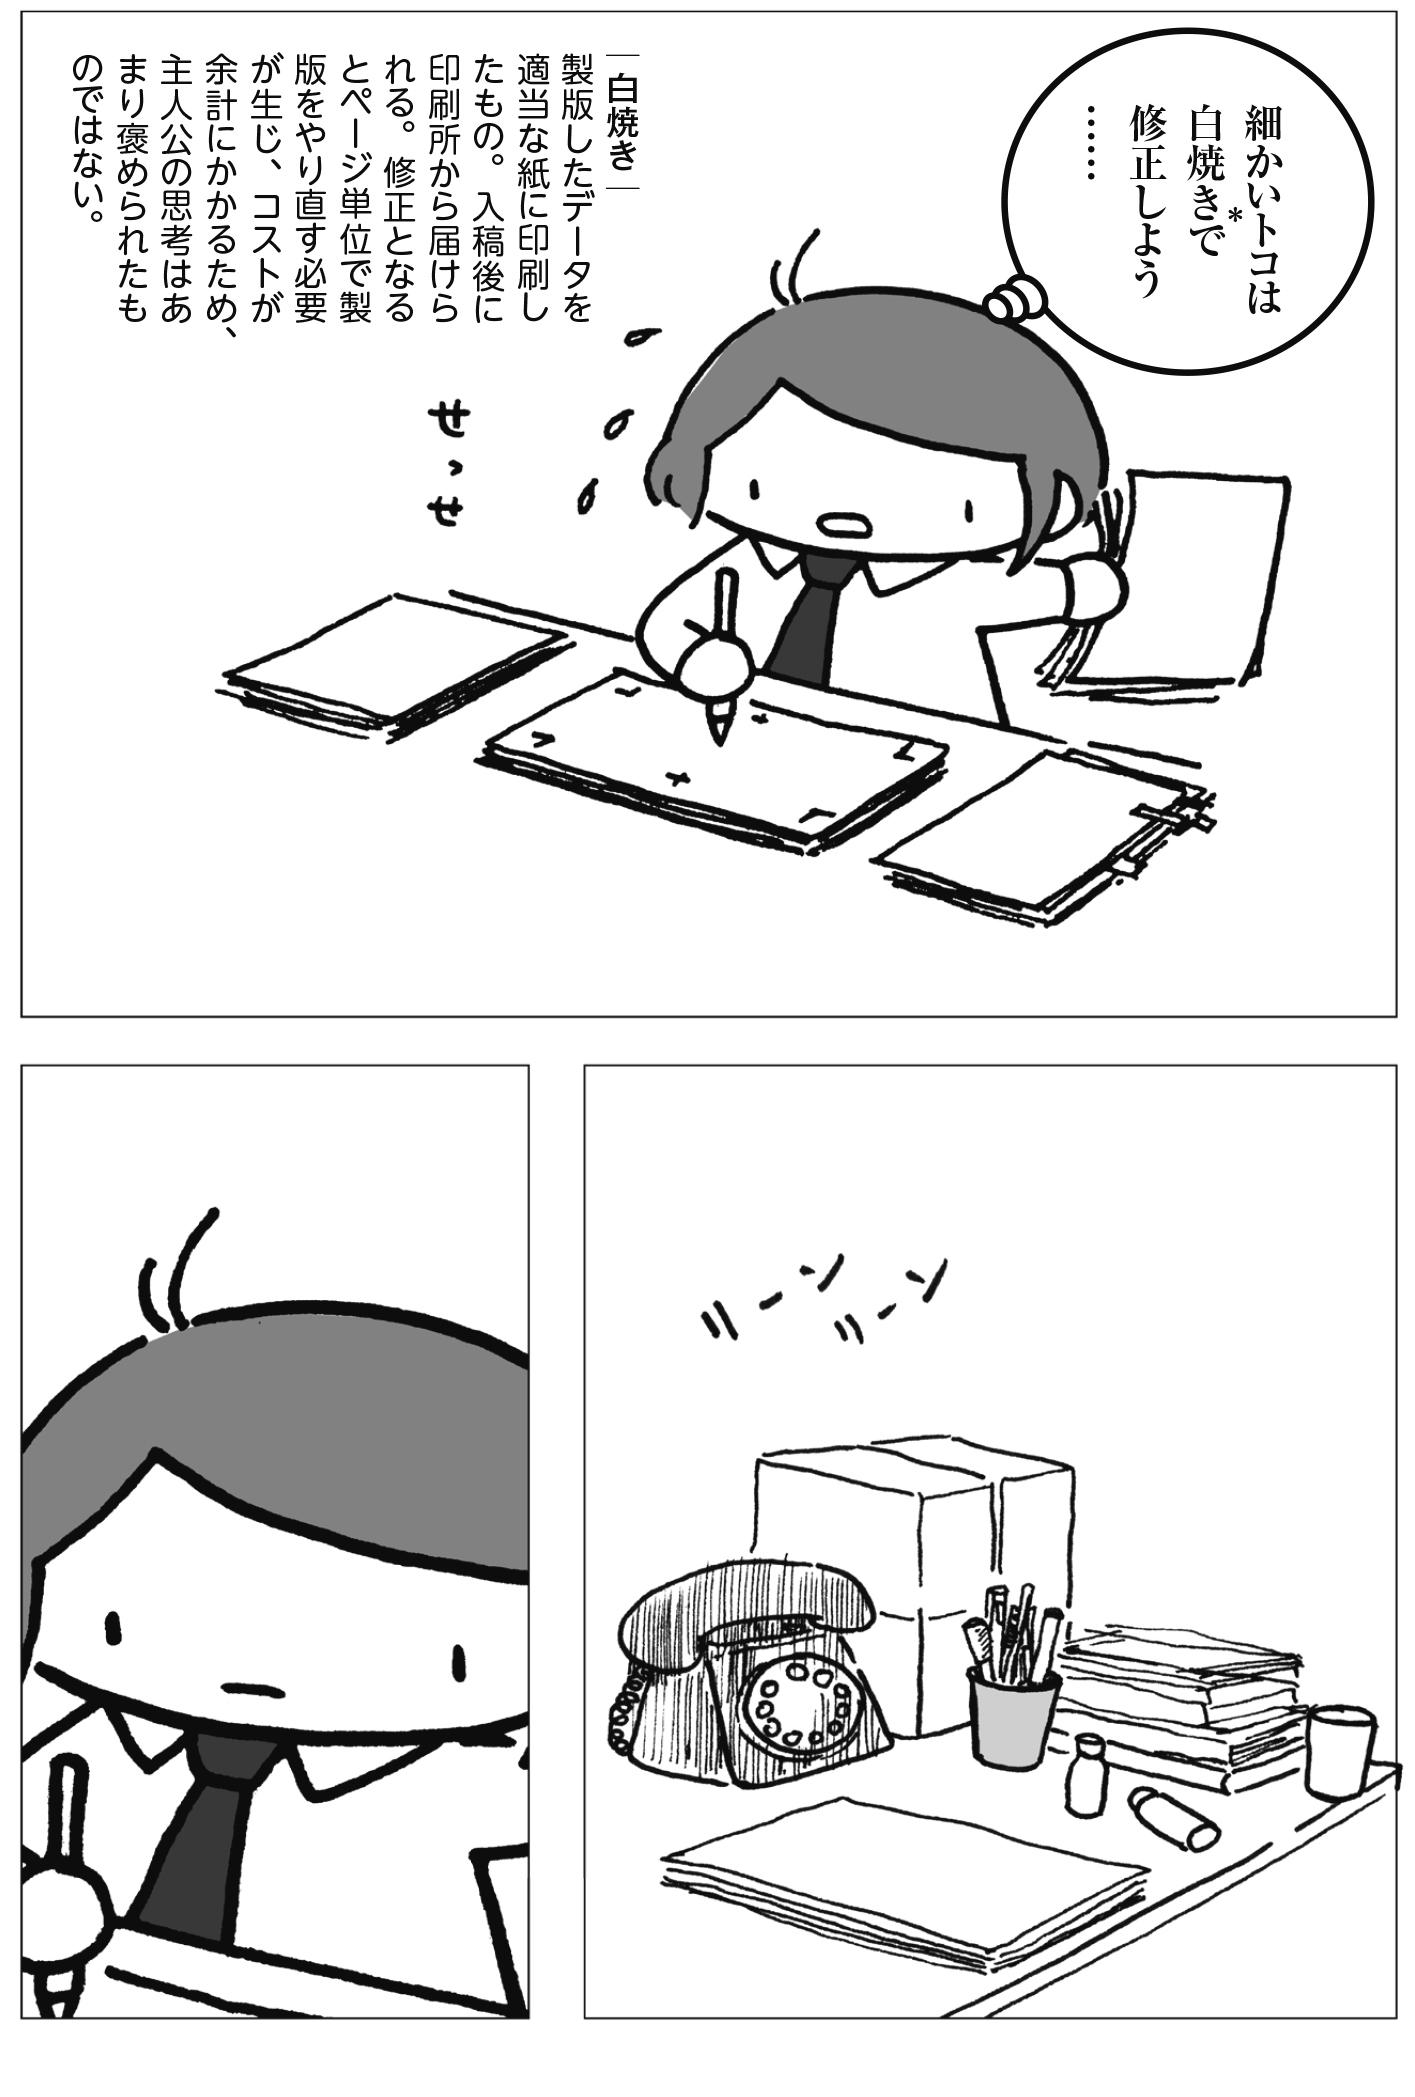 01重版未定_cs6.indd